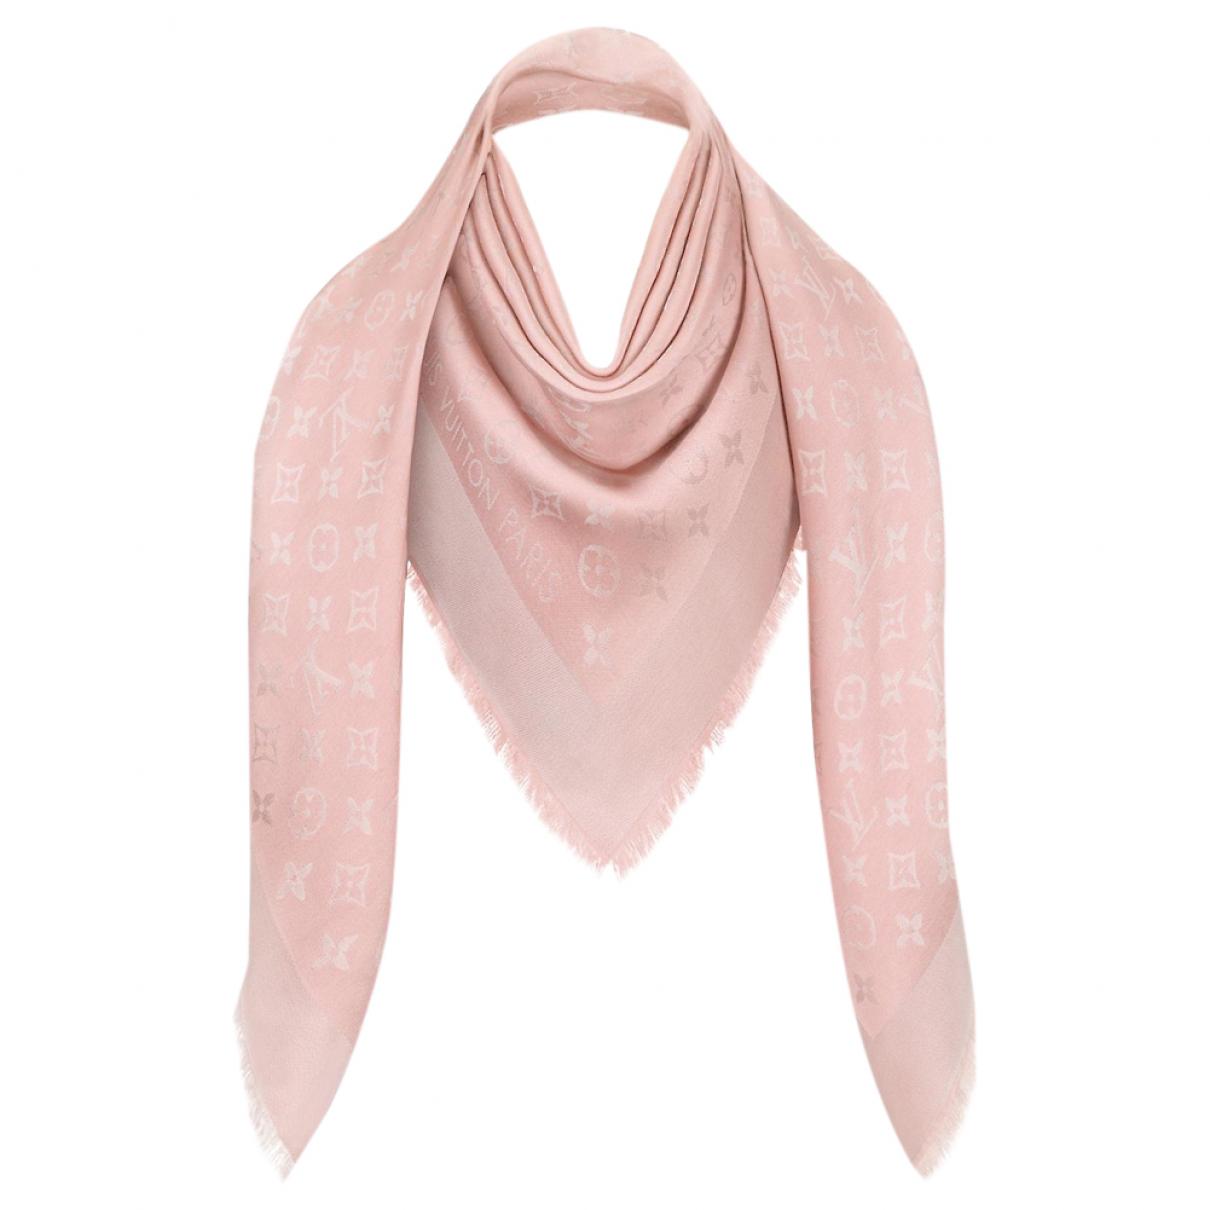 Louis Vuitton - Foulard Chale Monogram shine pour femme en laine - rose